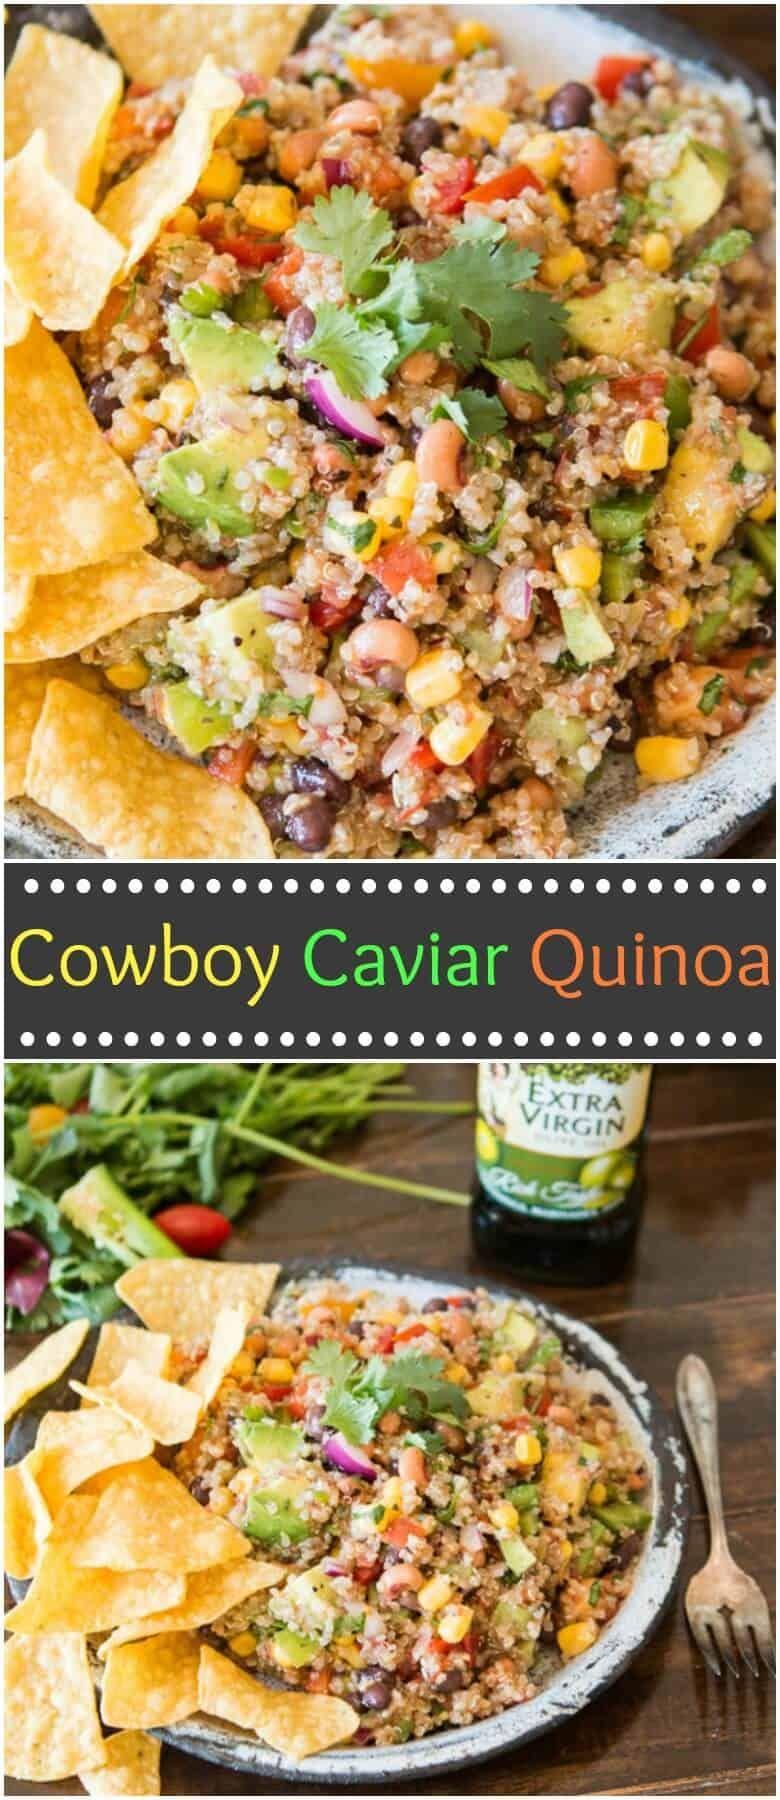 Cowboy Caviar Quinoa #cowboycaviar